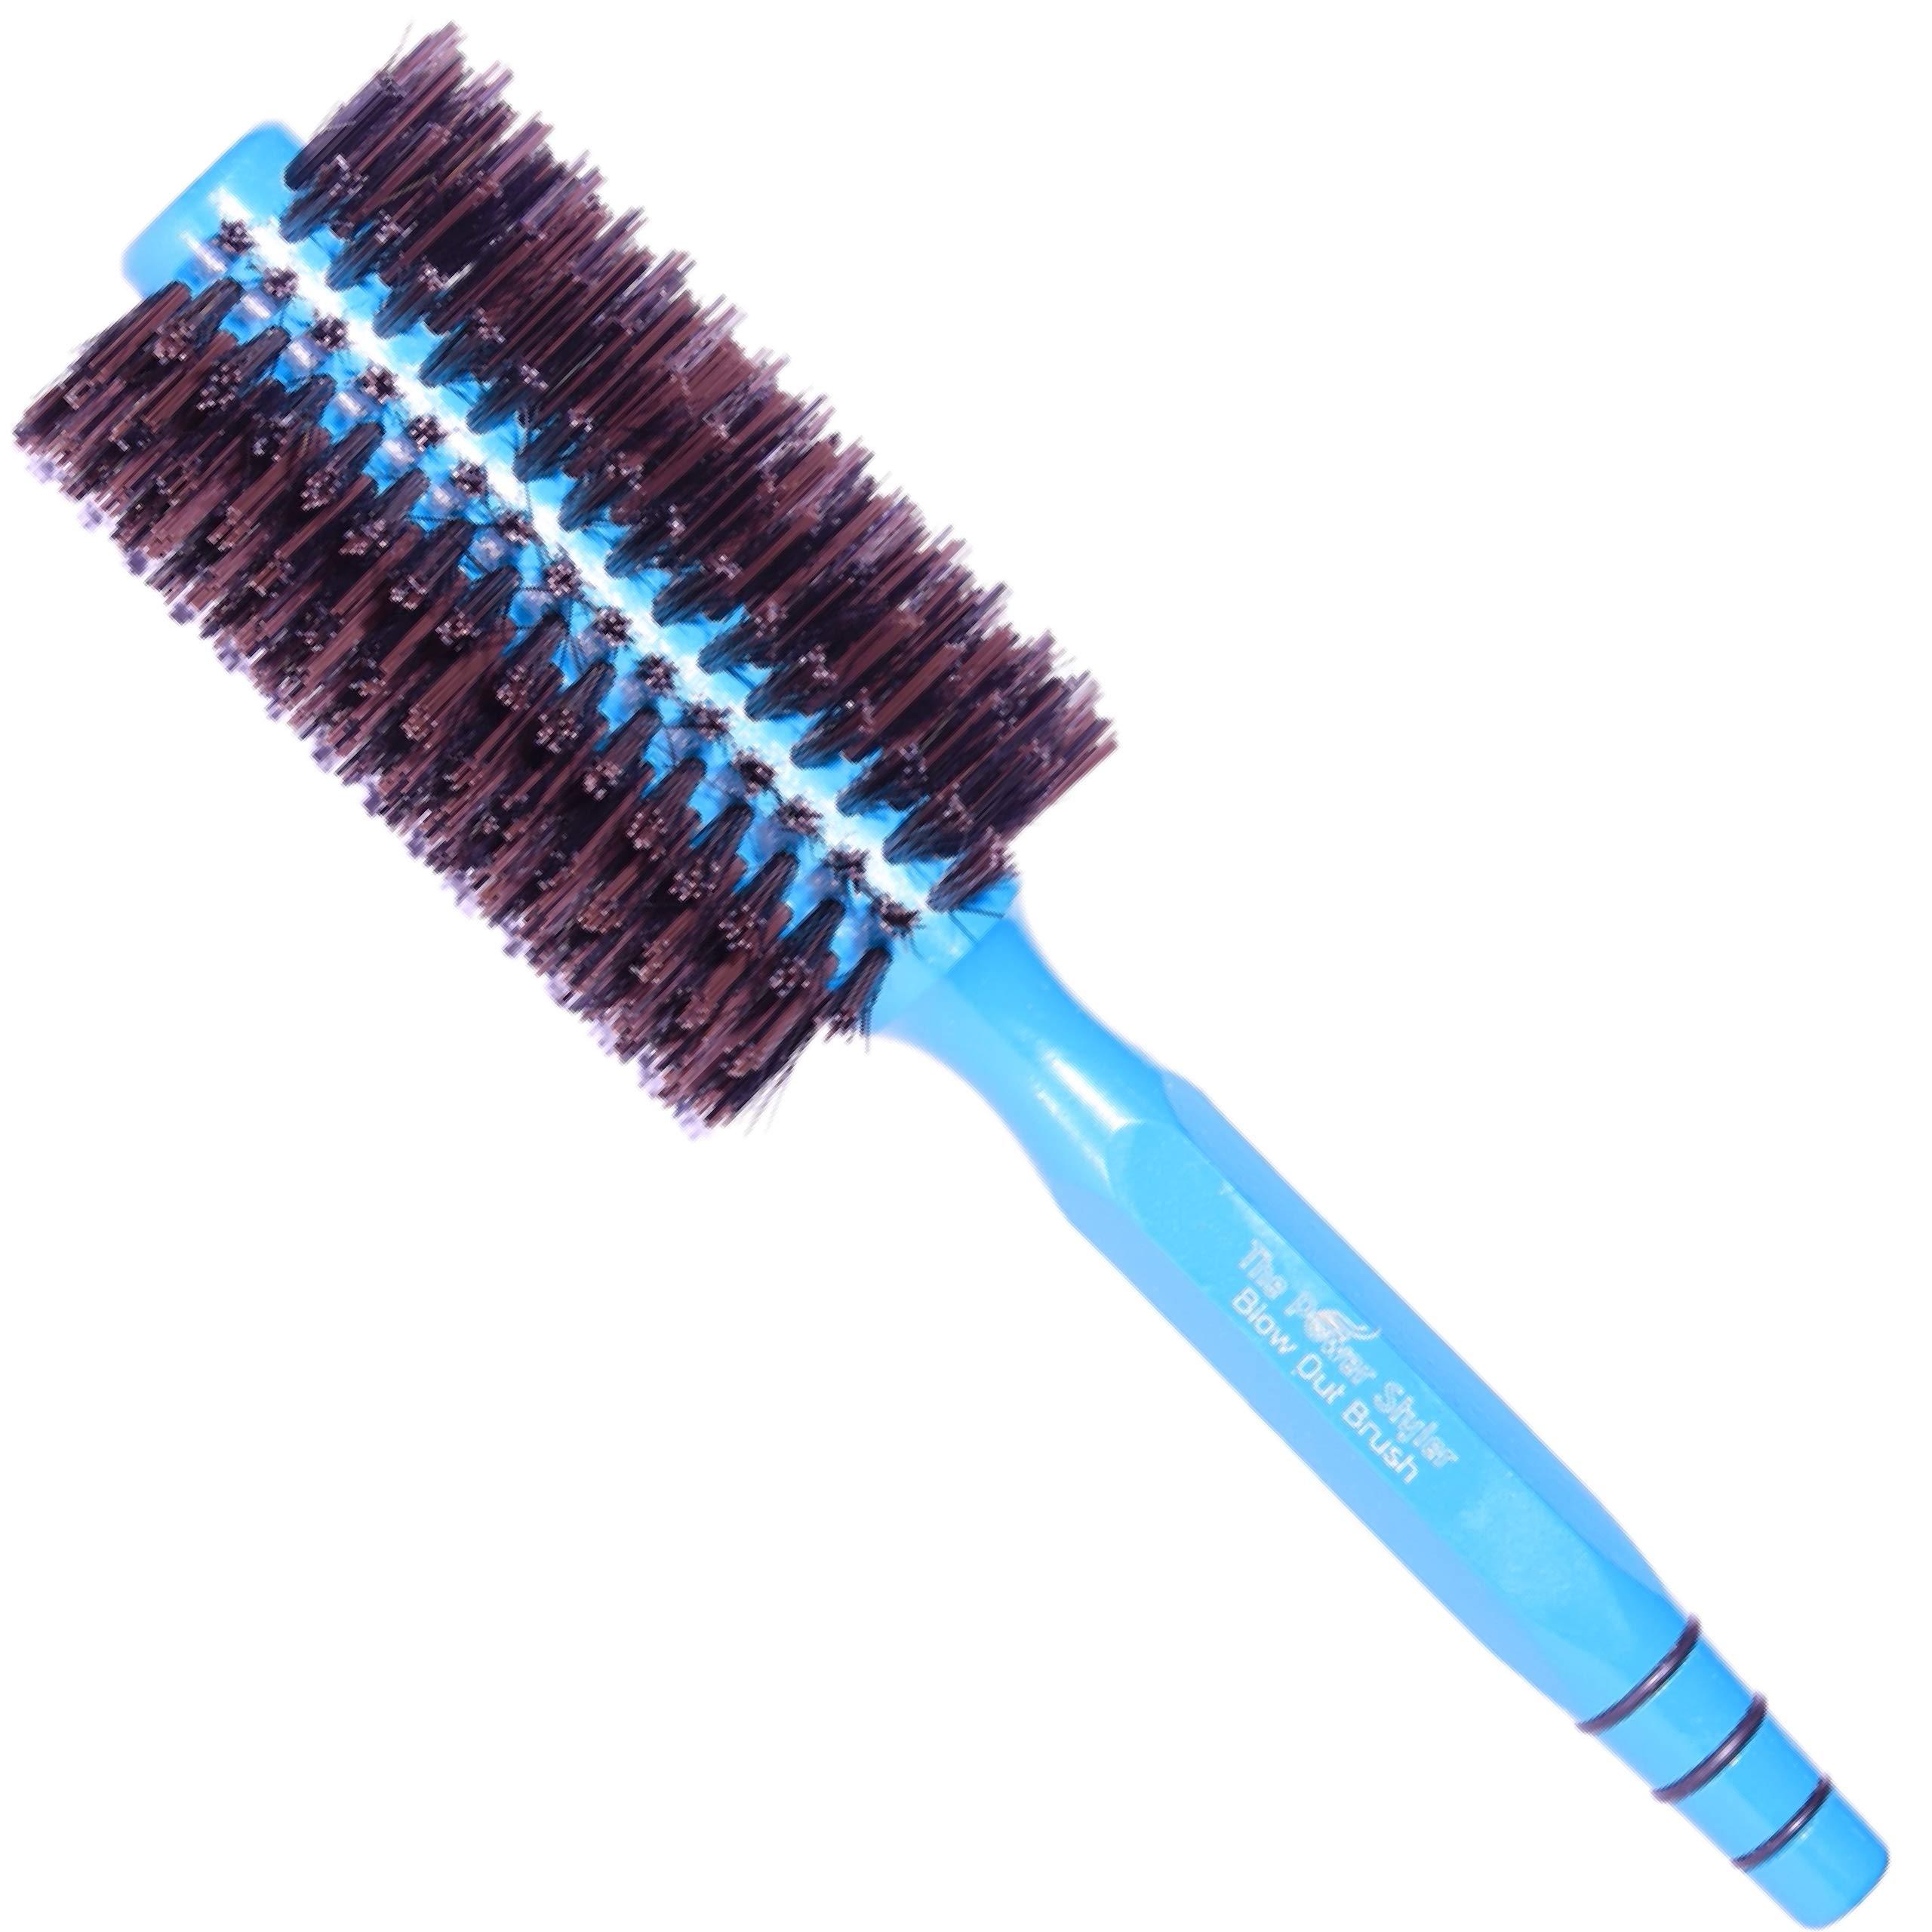 Round Brush, Boar Bristle Hair Brush for Women, Hair straightening Brush or Curling Brush